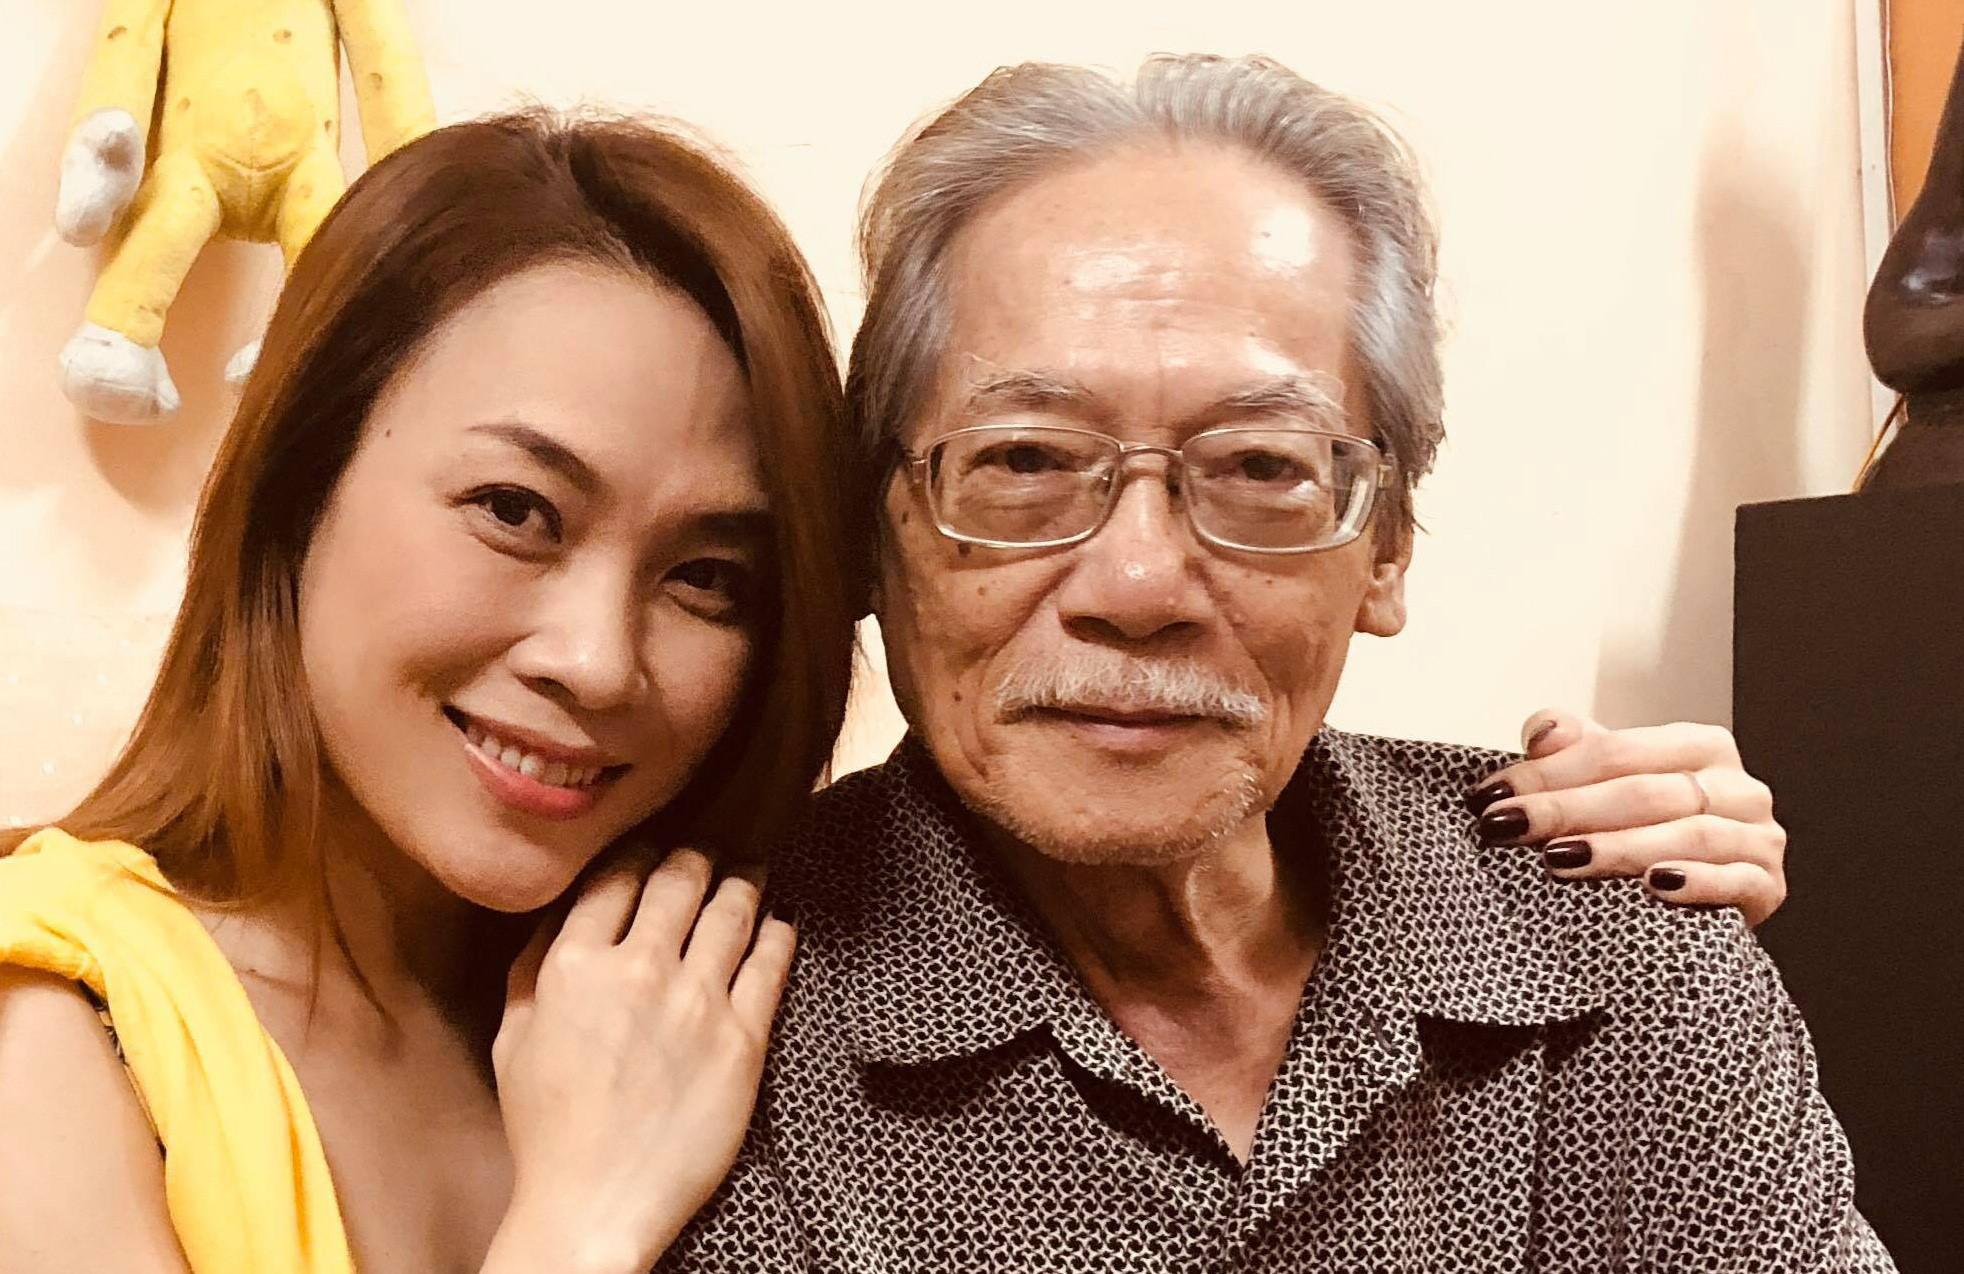 Mỹ Tâm, Hoa hậu Kỳ Duyên chúc mừng thầy cô ngày 20/11